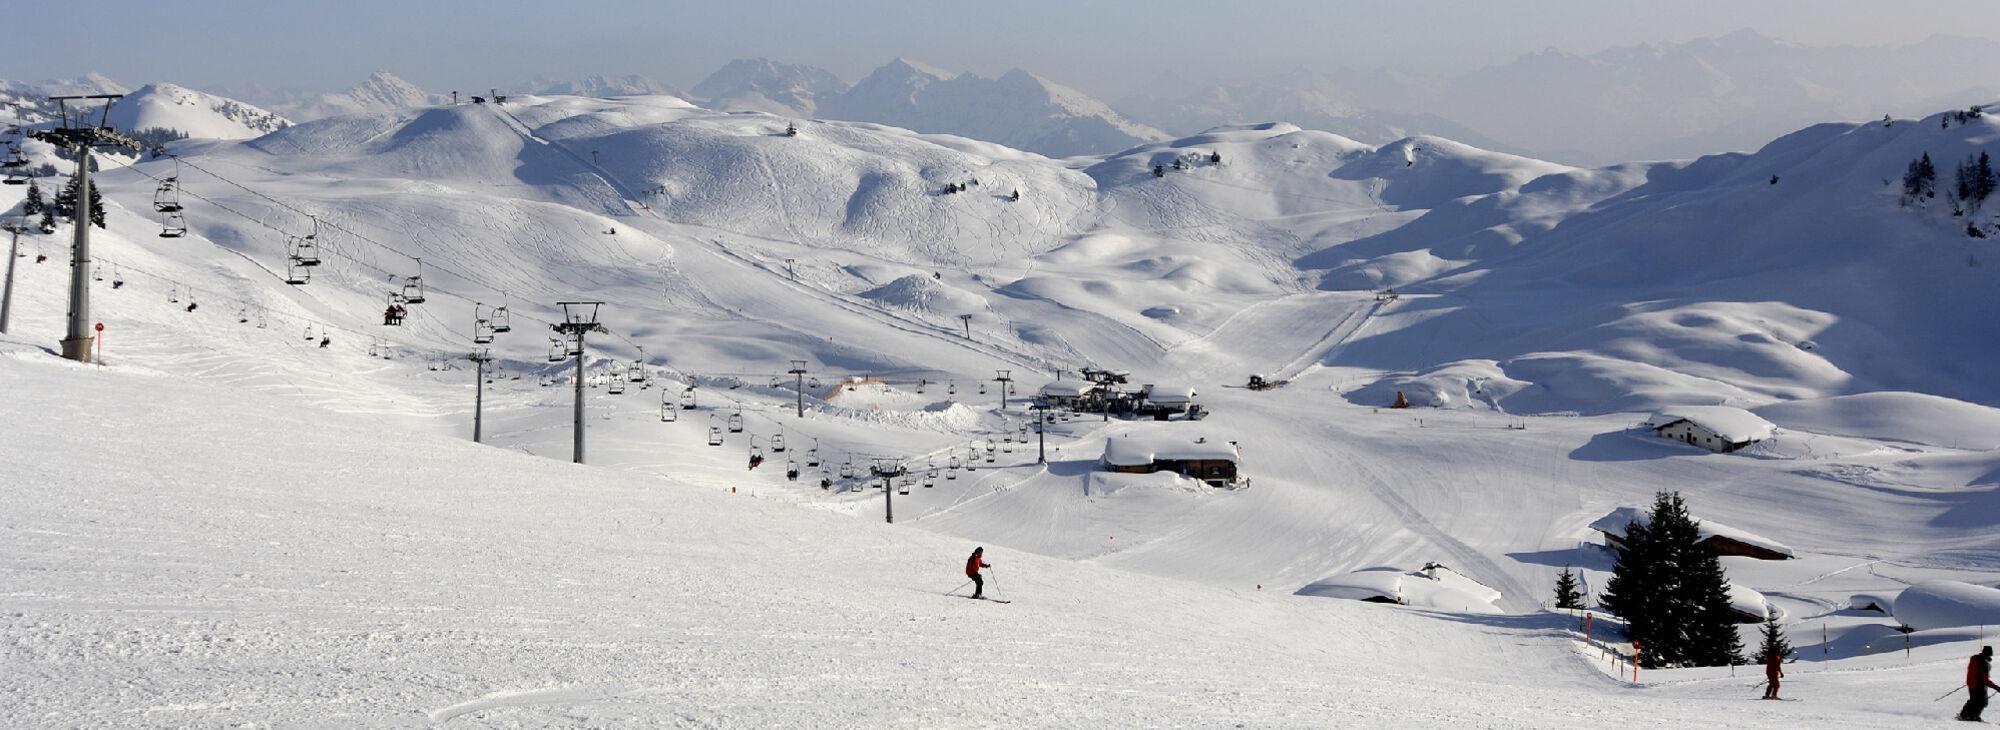 Blick auf das Skigebiet Kitzbühel